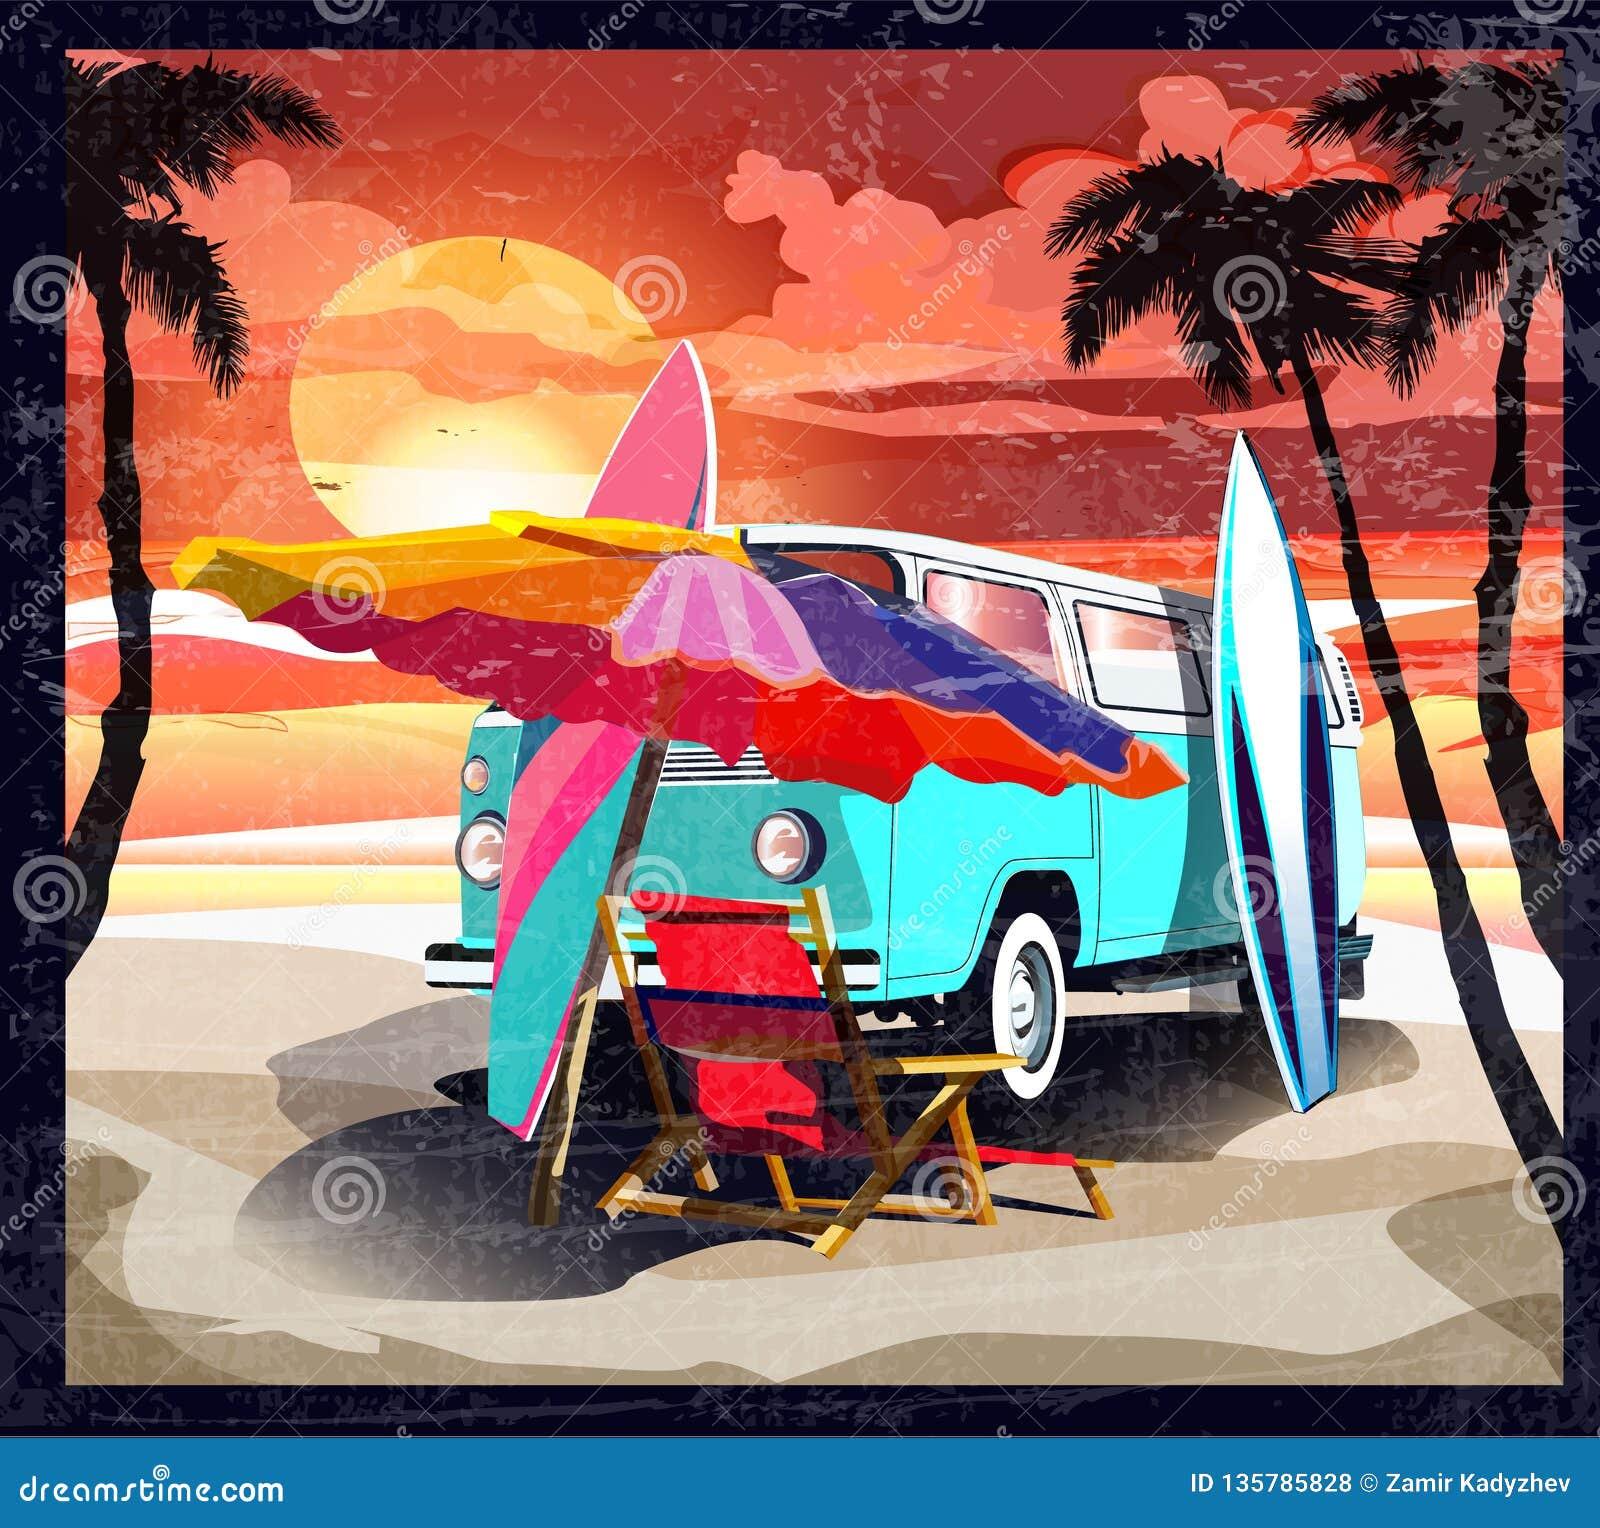 冲浪者橙色公共汽车,搬运车,有冲浪板的露营车在热带海滩 海报加利福尼亚后边棕榈树和蓝色海洋 减速火箭